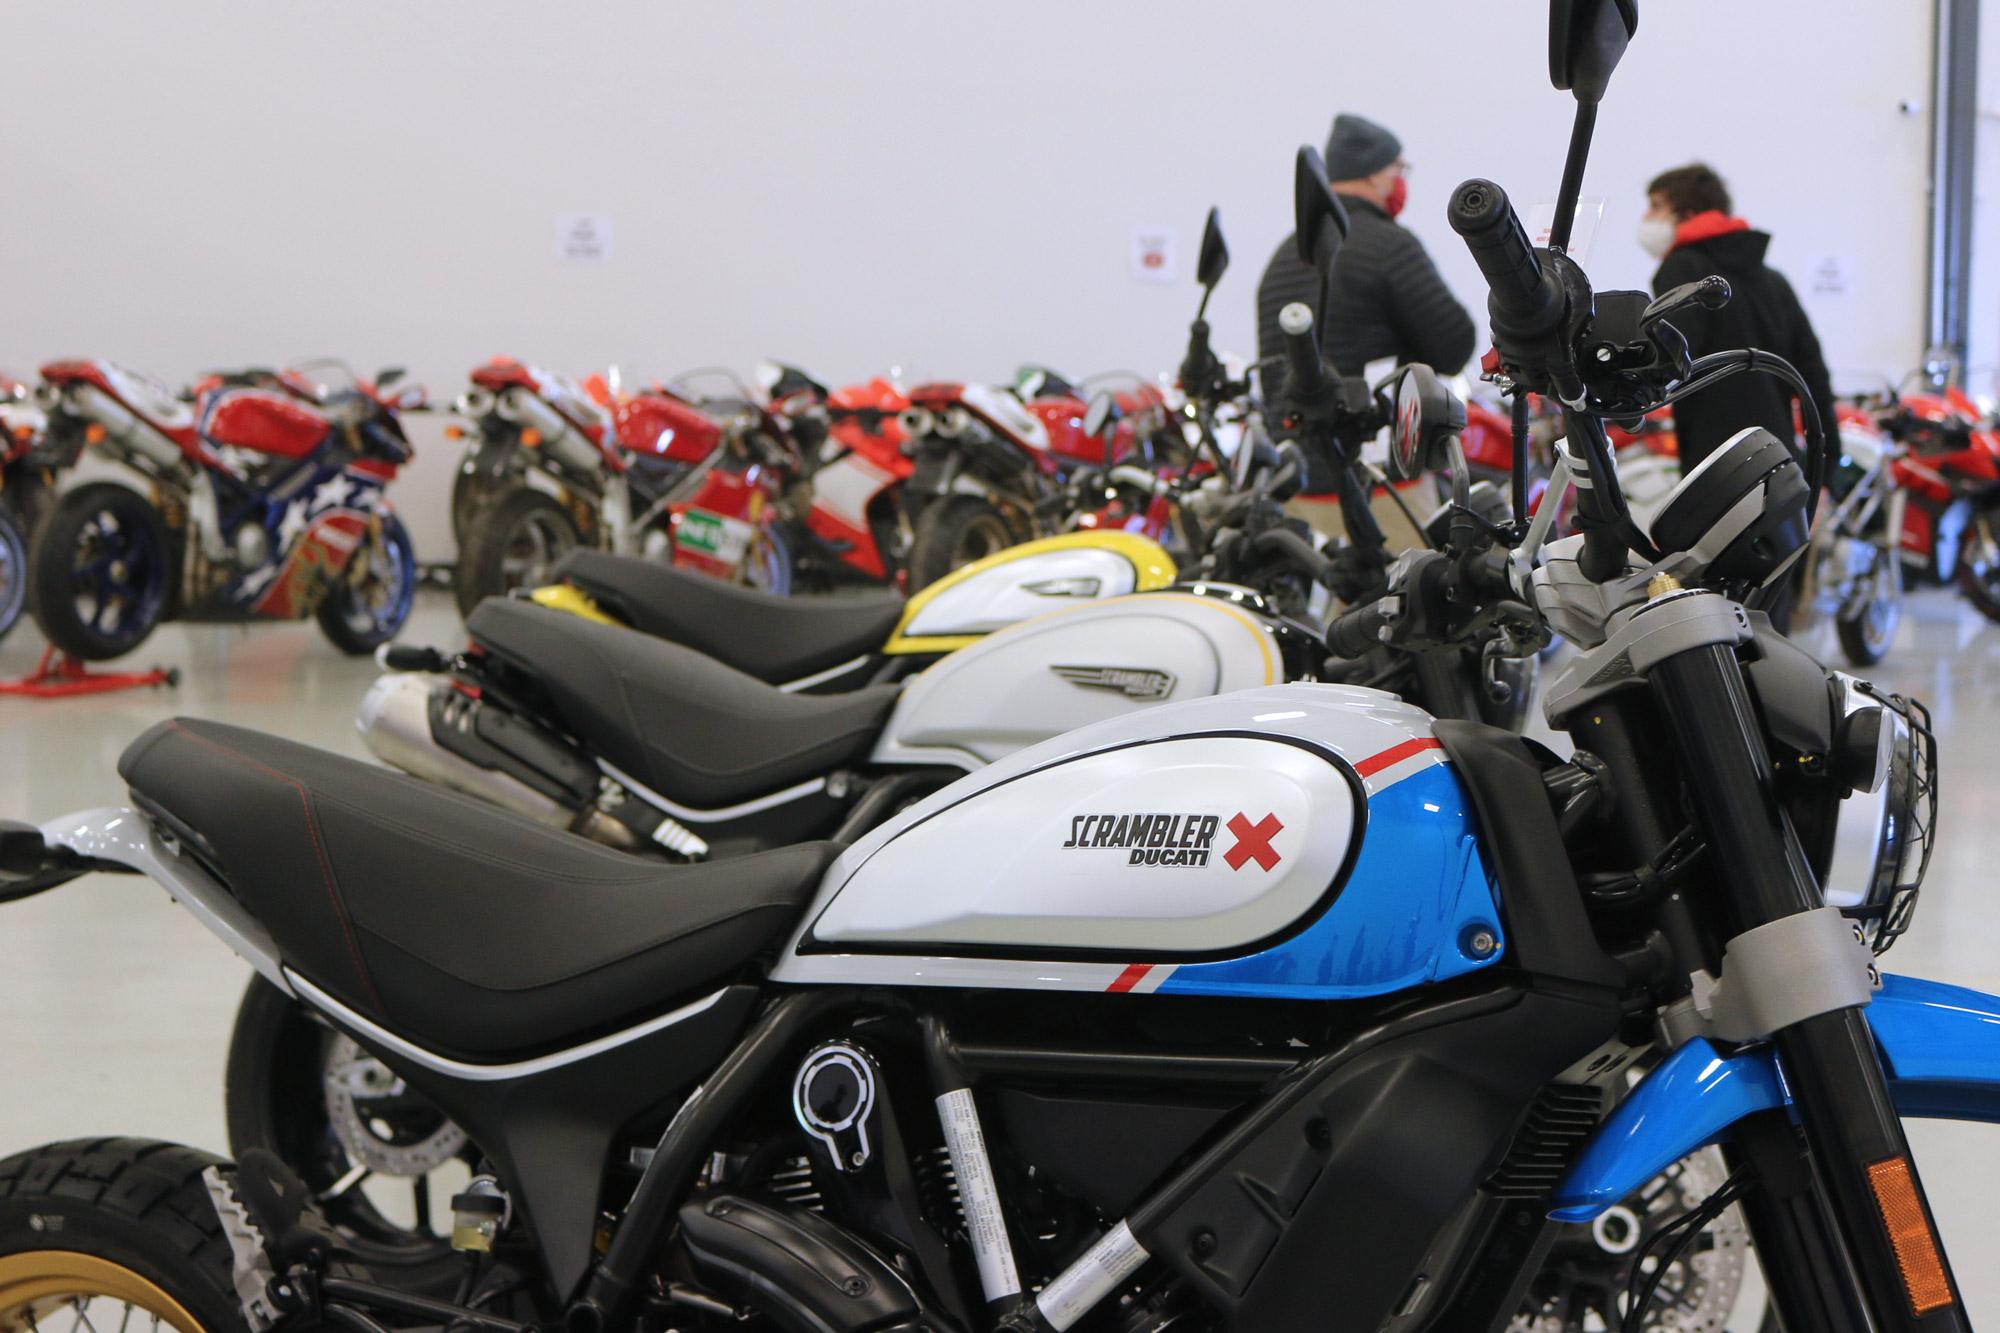 Scrambler Desert Sled - Ducati Indianapolis